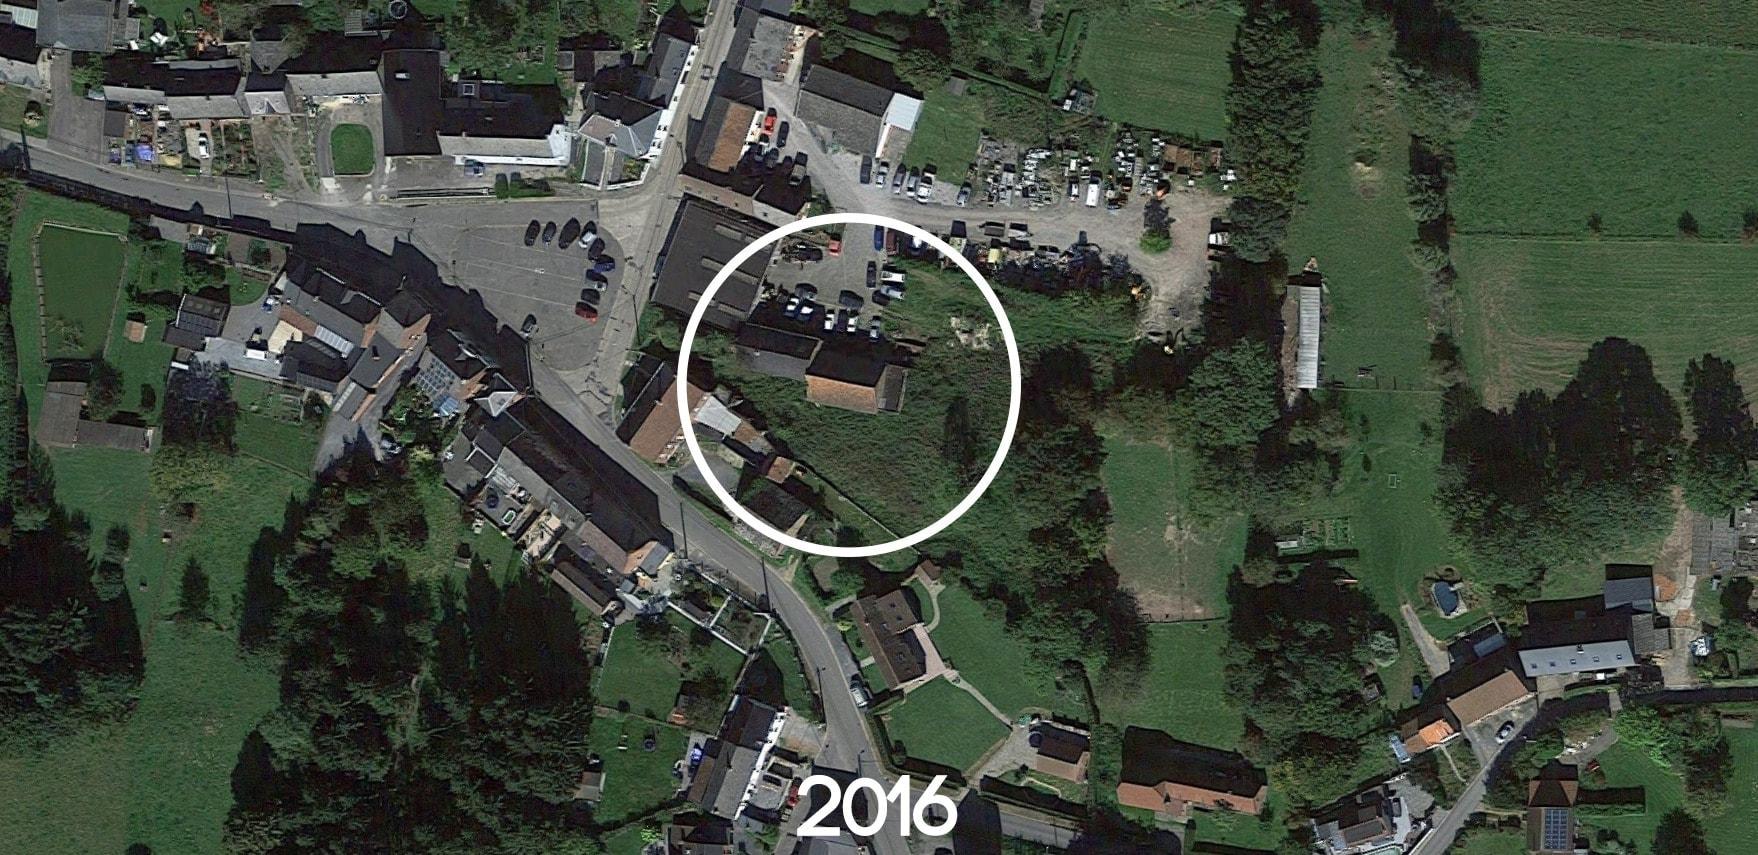 Maison de Marc Dutroux